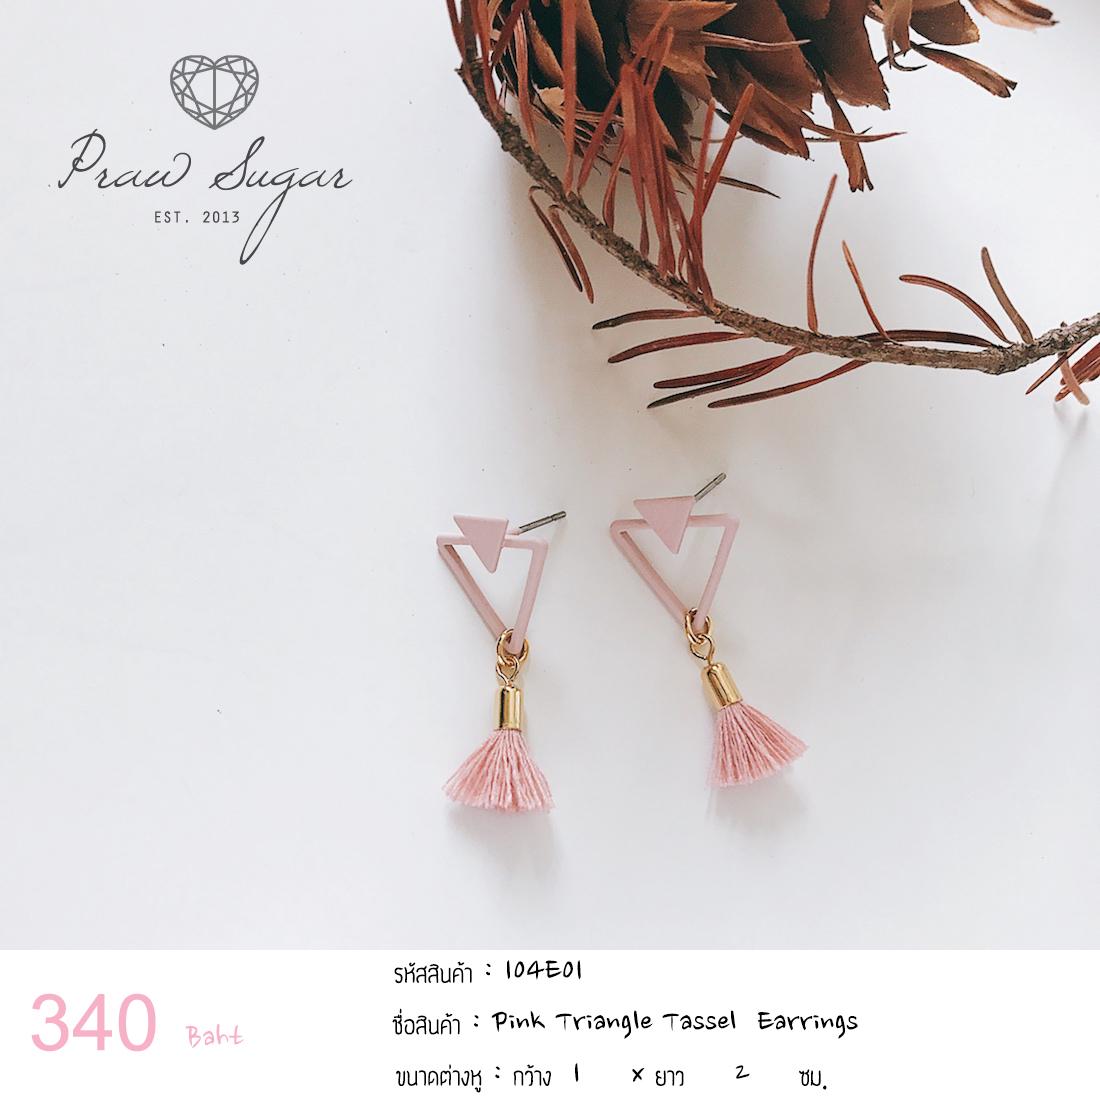 Pink Triangle Tassel Earrings